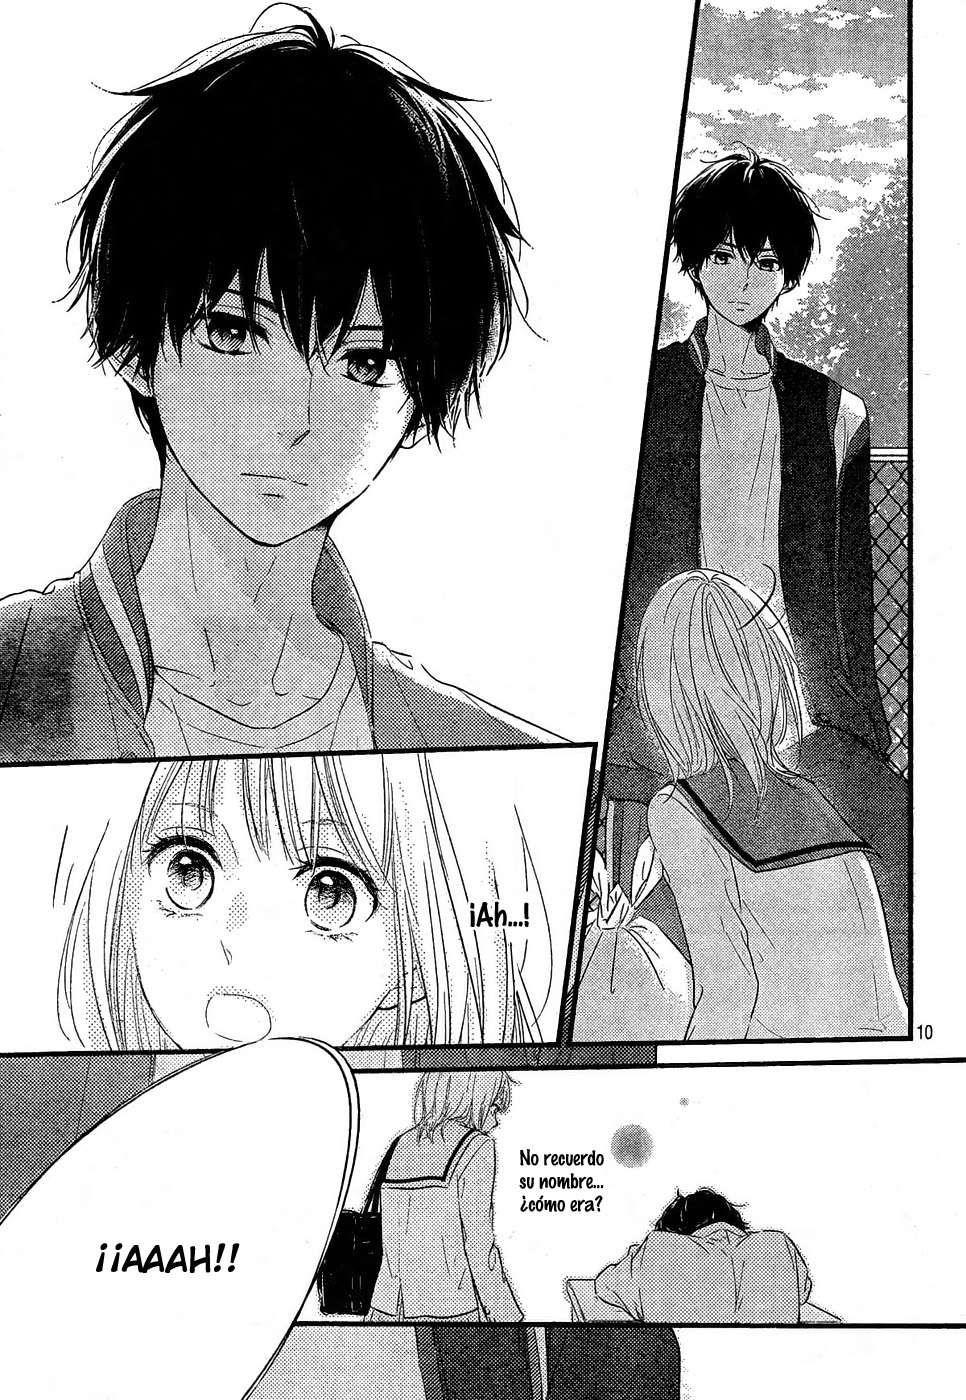 Haru Matsu Bokura Capítulo 1 página 1 (Cargar imágenes: 10) - Leer Manga en Español gratis en NineManga.com